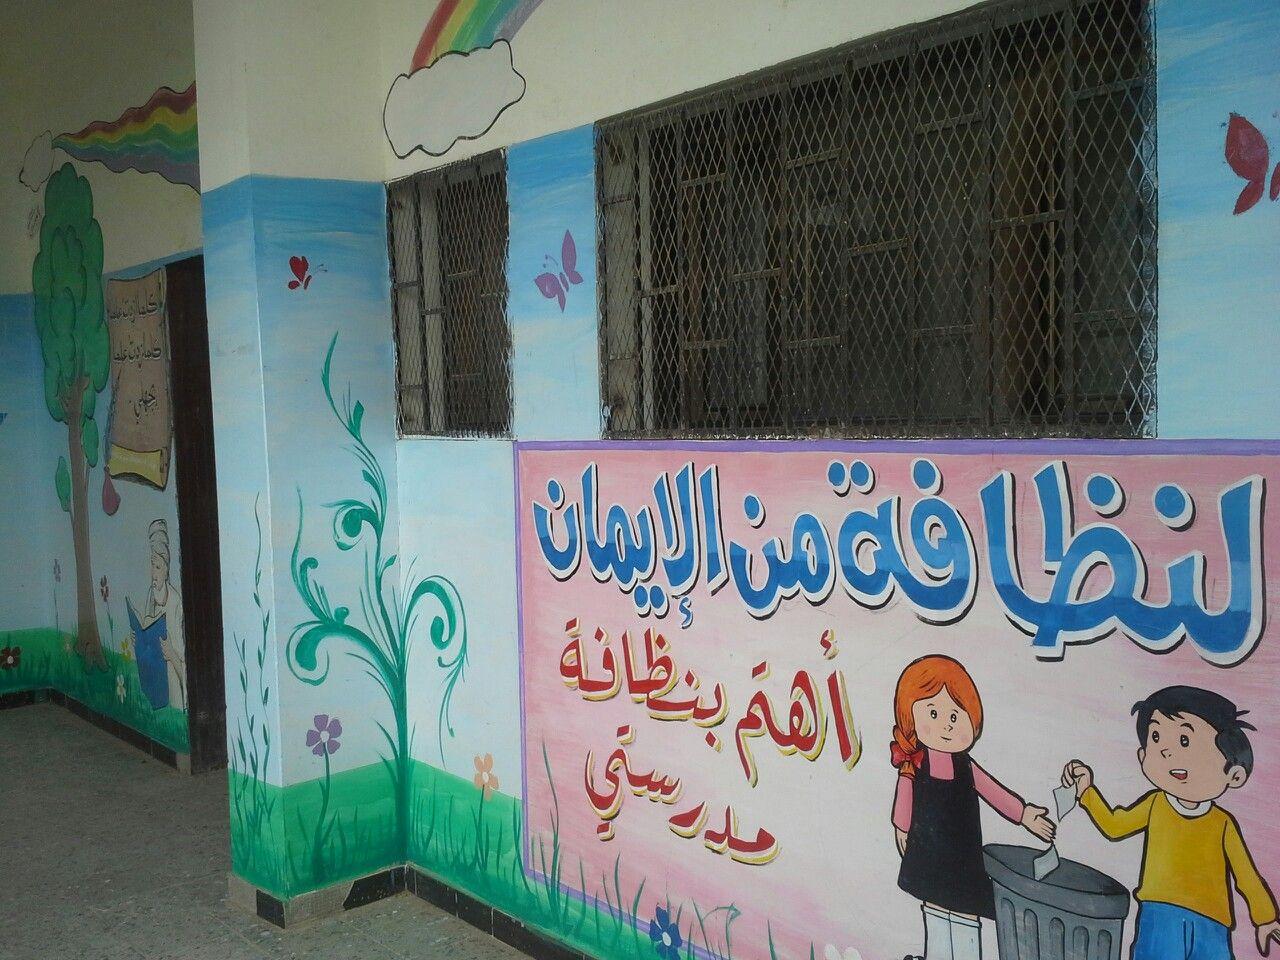 النظافة من الايمان واهتم بنظظافة مدرستي Neon Signs I School School